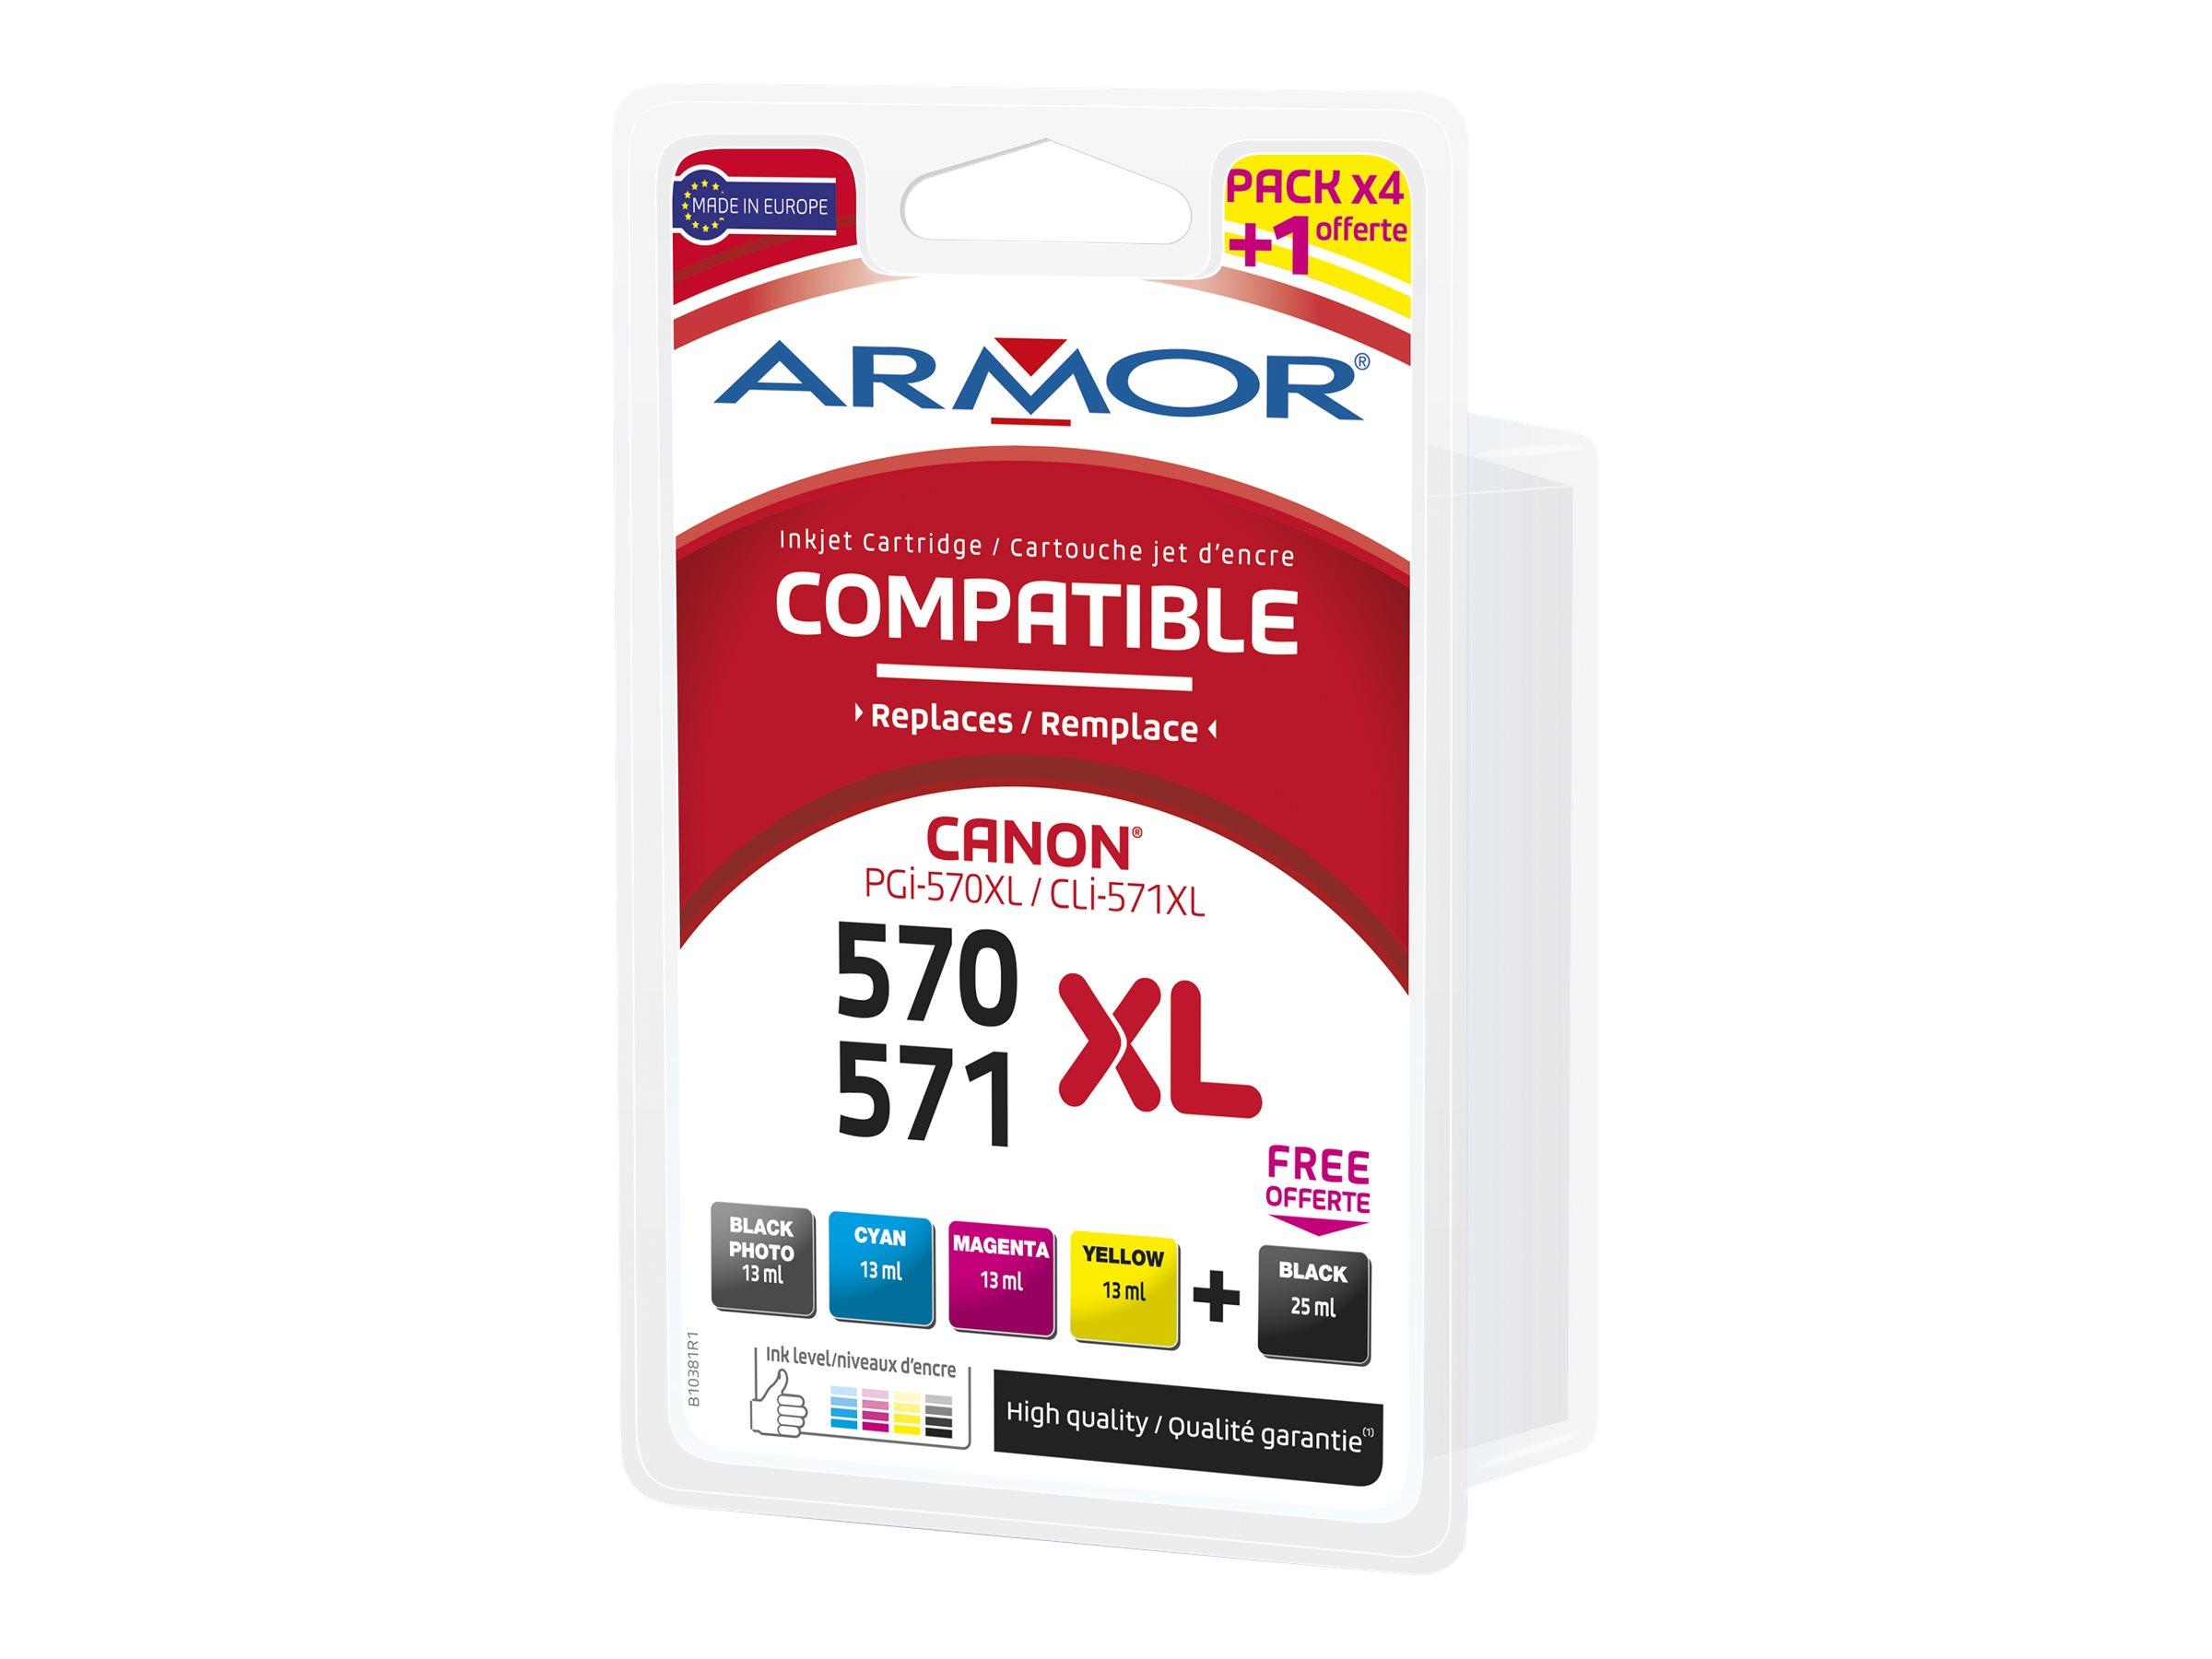 Armor multipack pro Canon PGI570BK/CLI-571 XLBKCMY